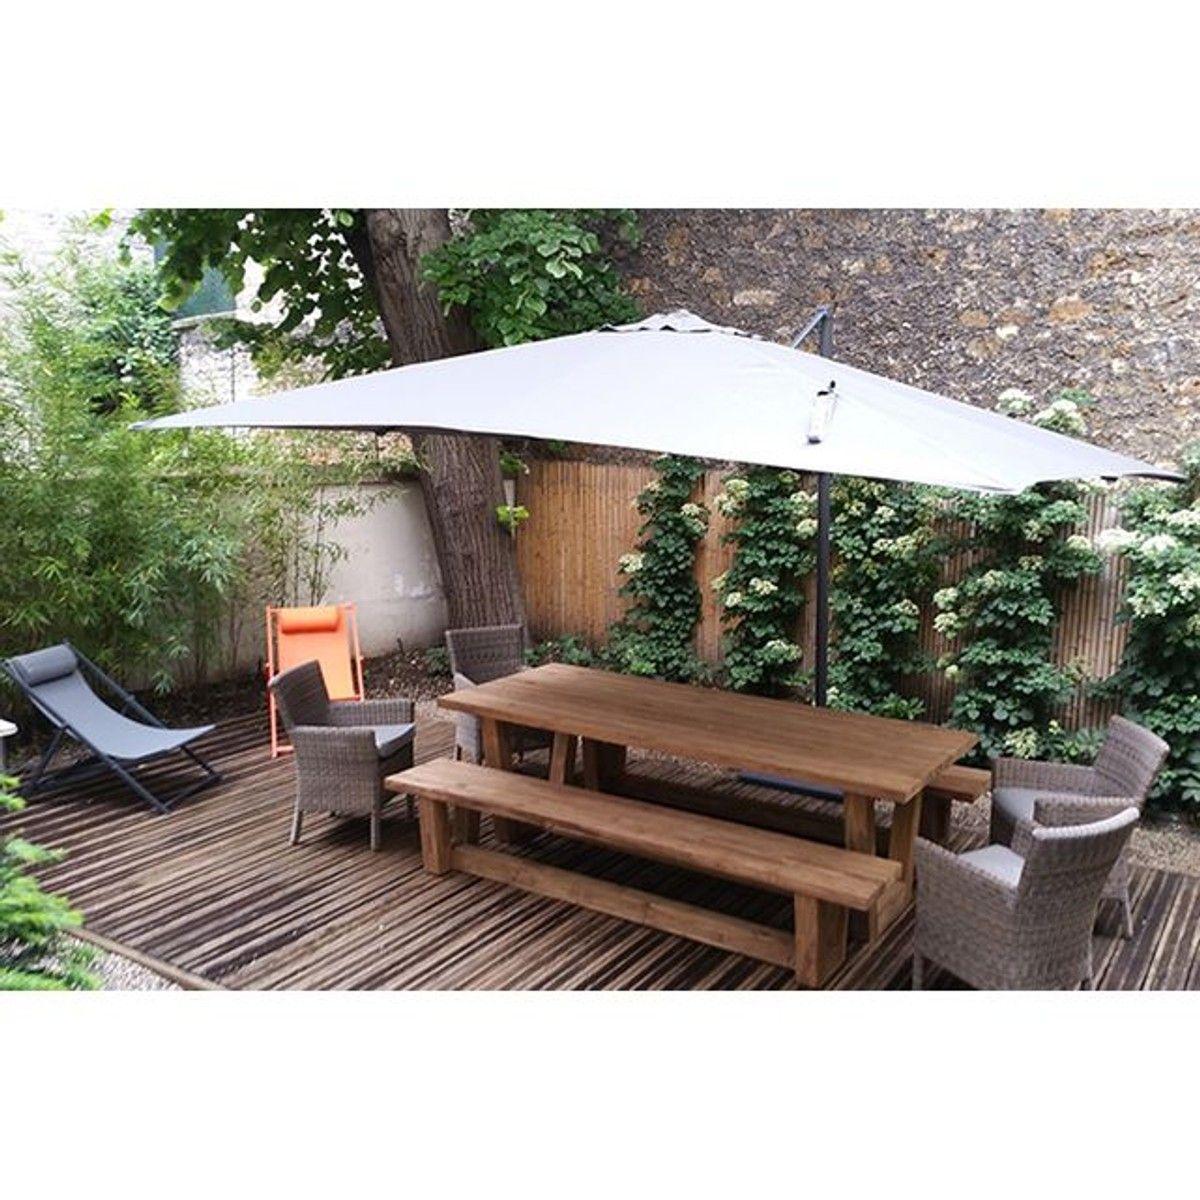 Banc de jardin en teck massif recyclé 250 cm Granby | Altbau ...